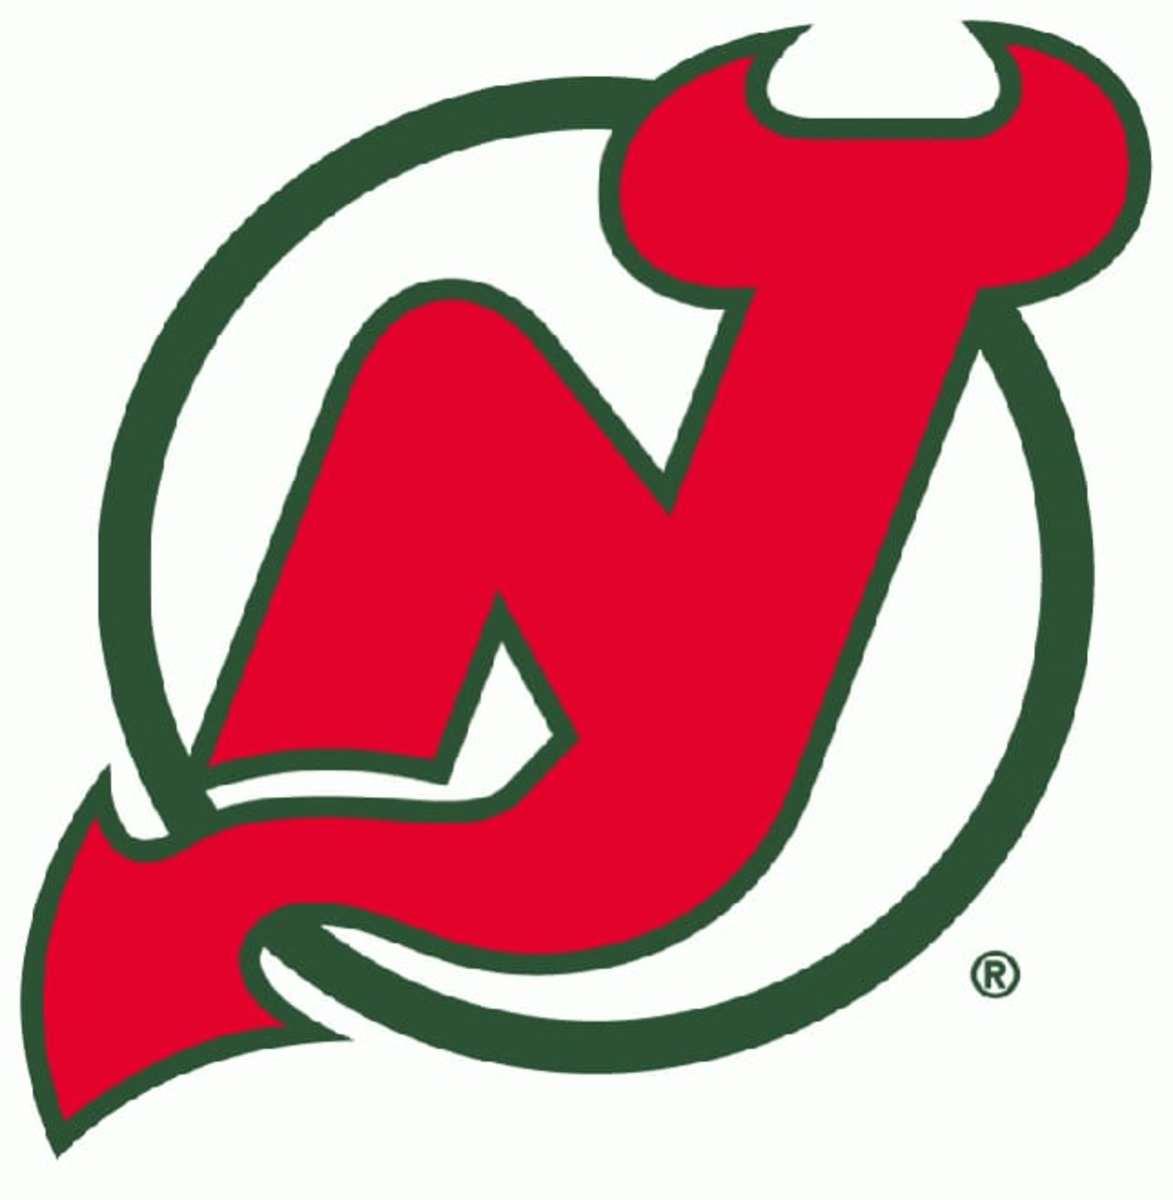 NJ Devils Green